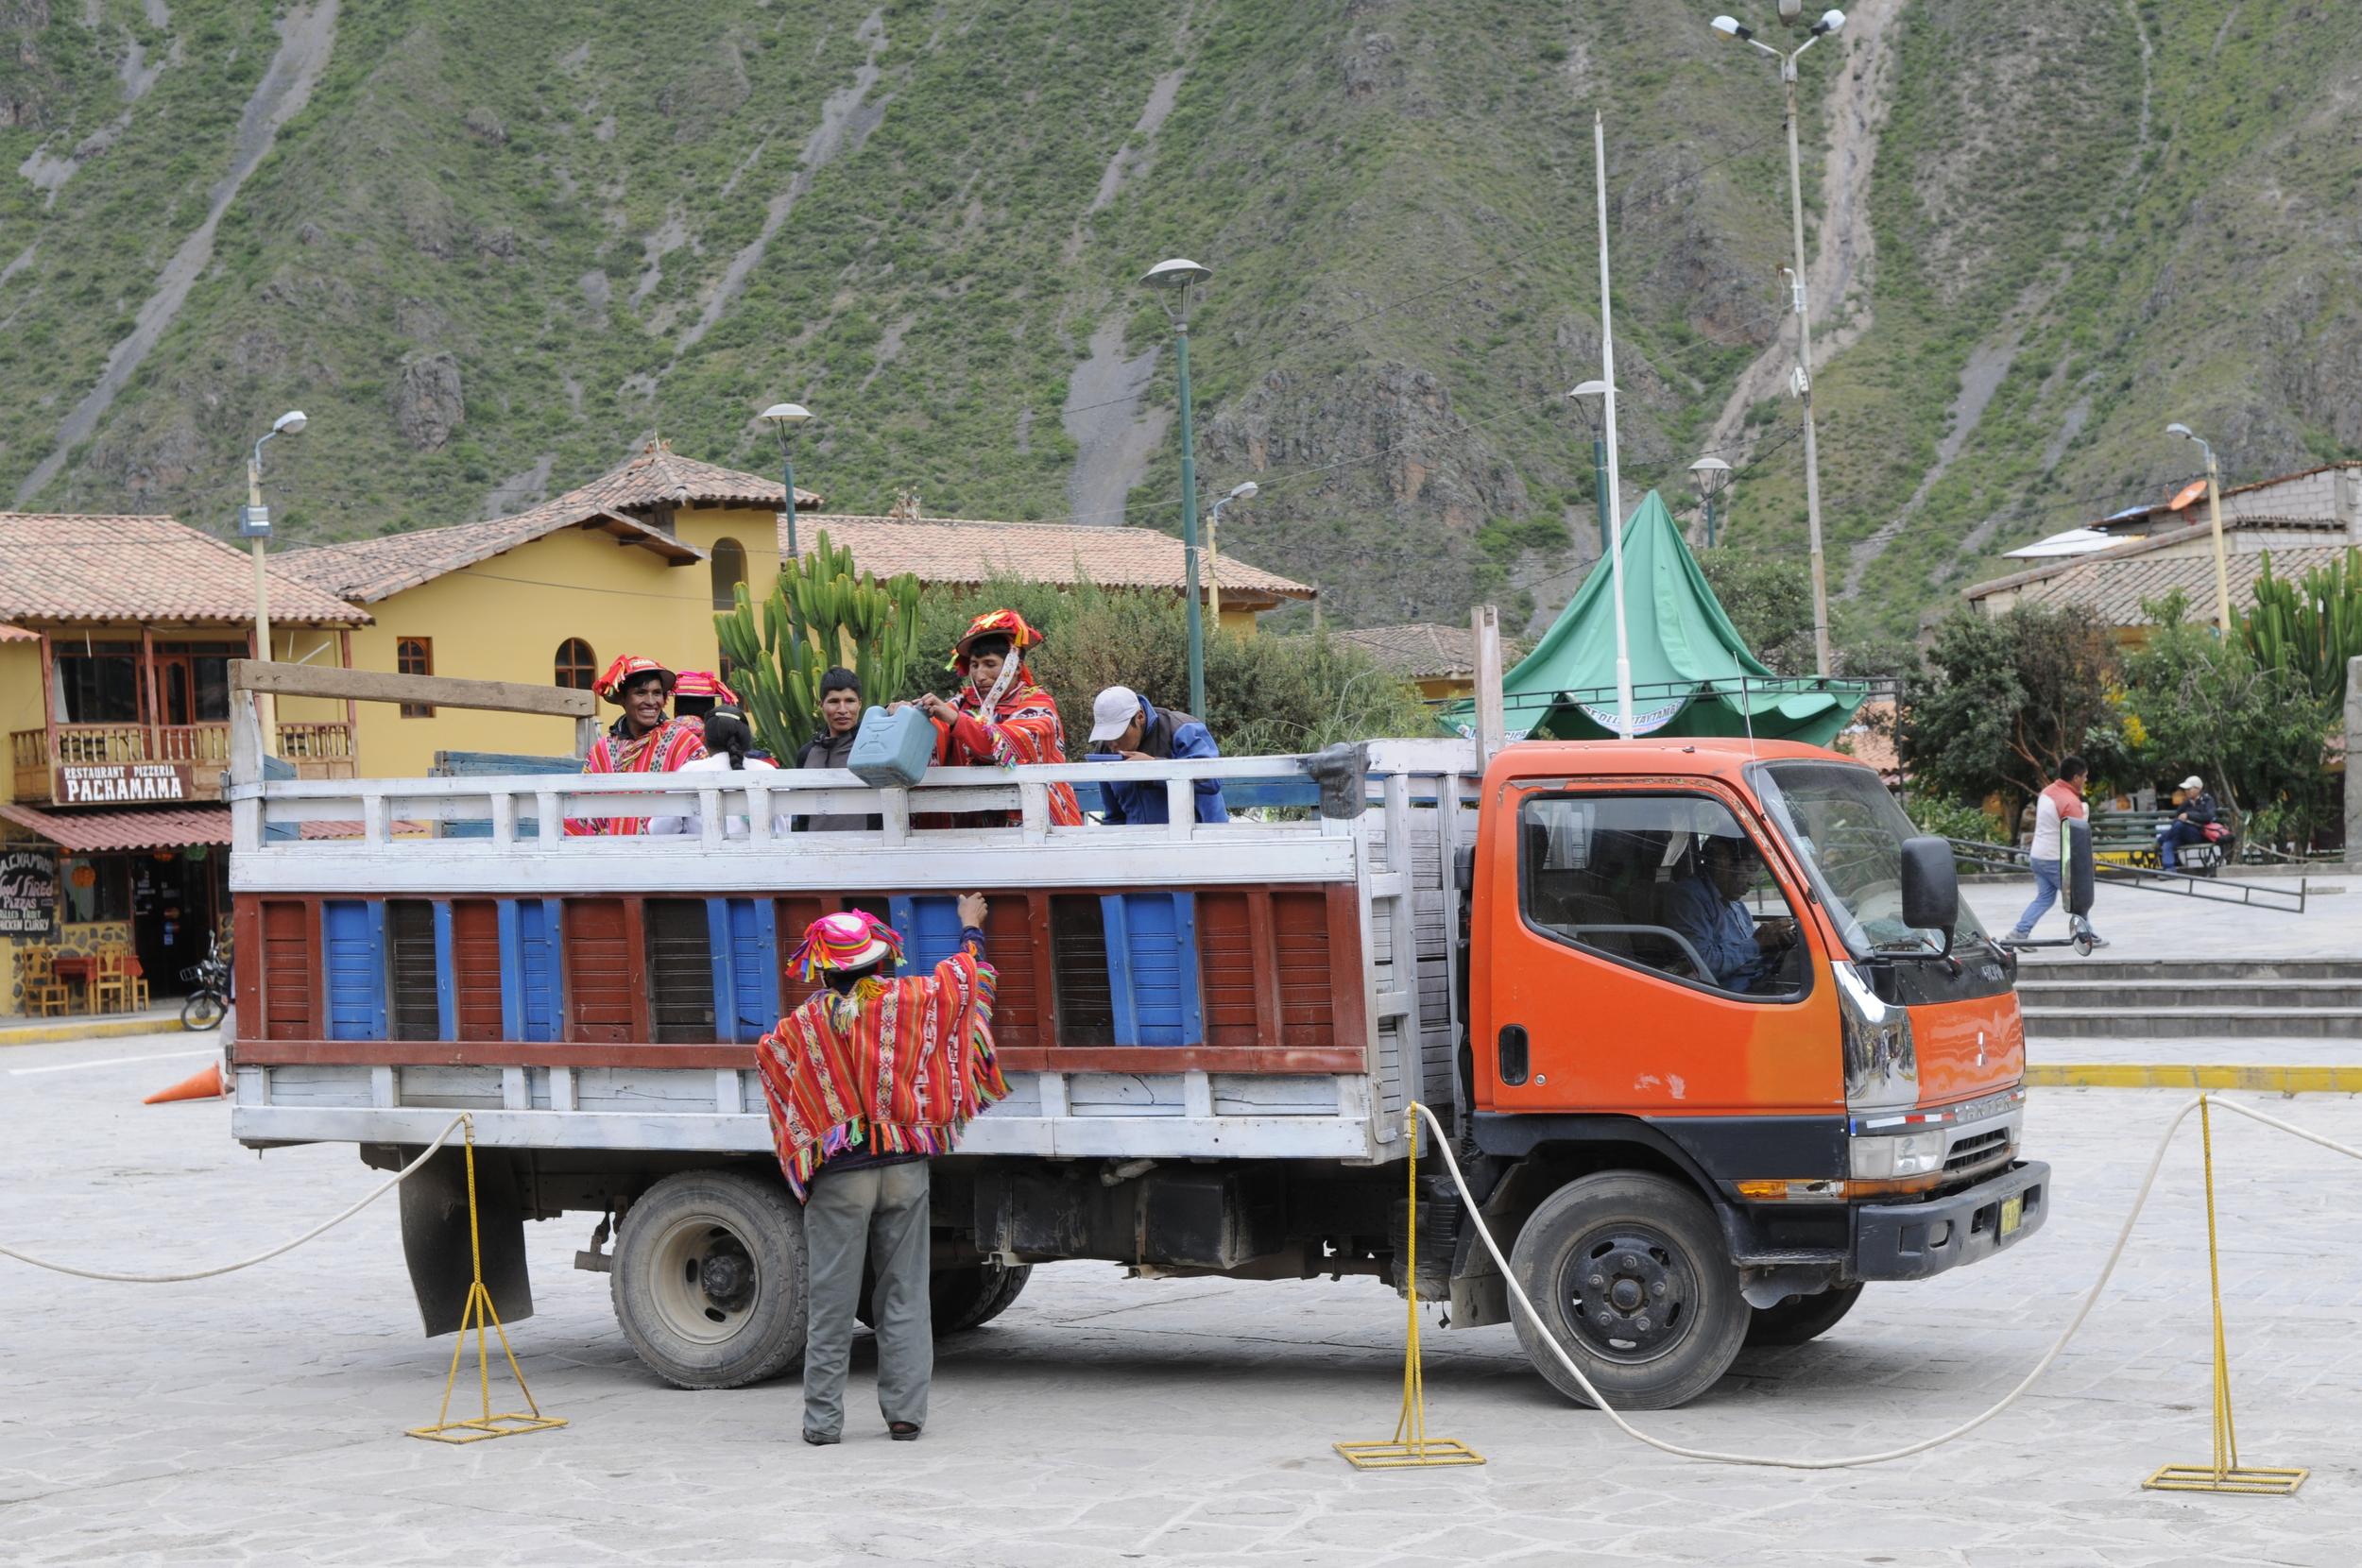 Plutselig ankom en lastebil full med ponchokledde menn.